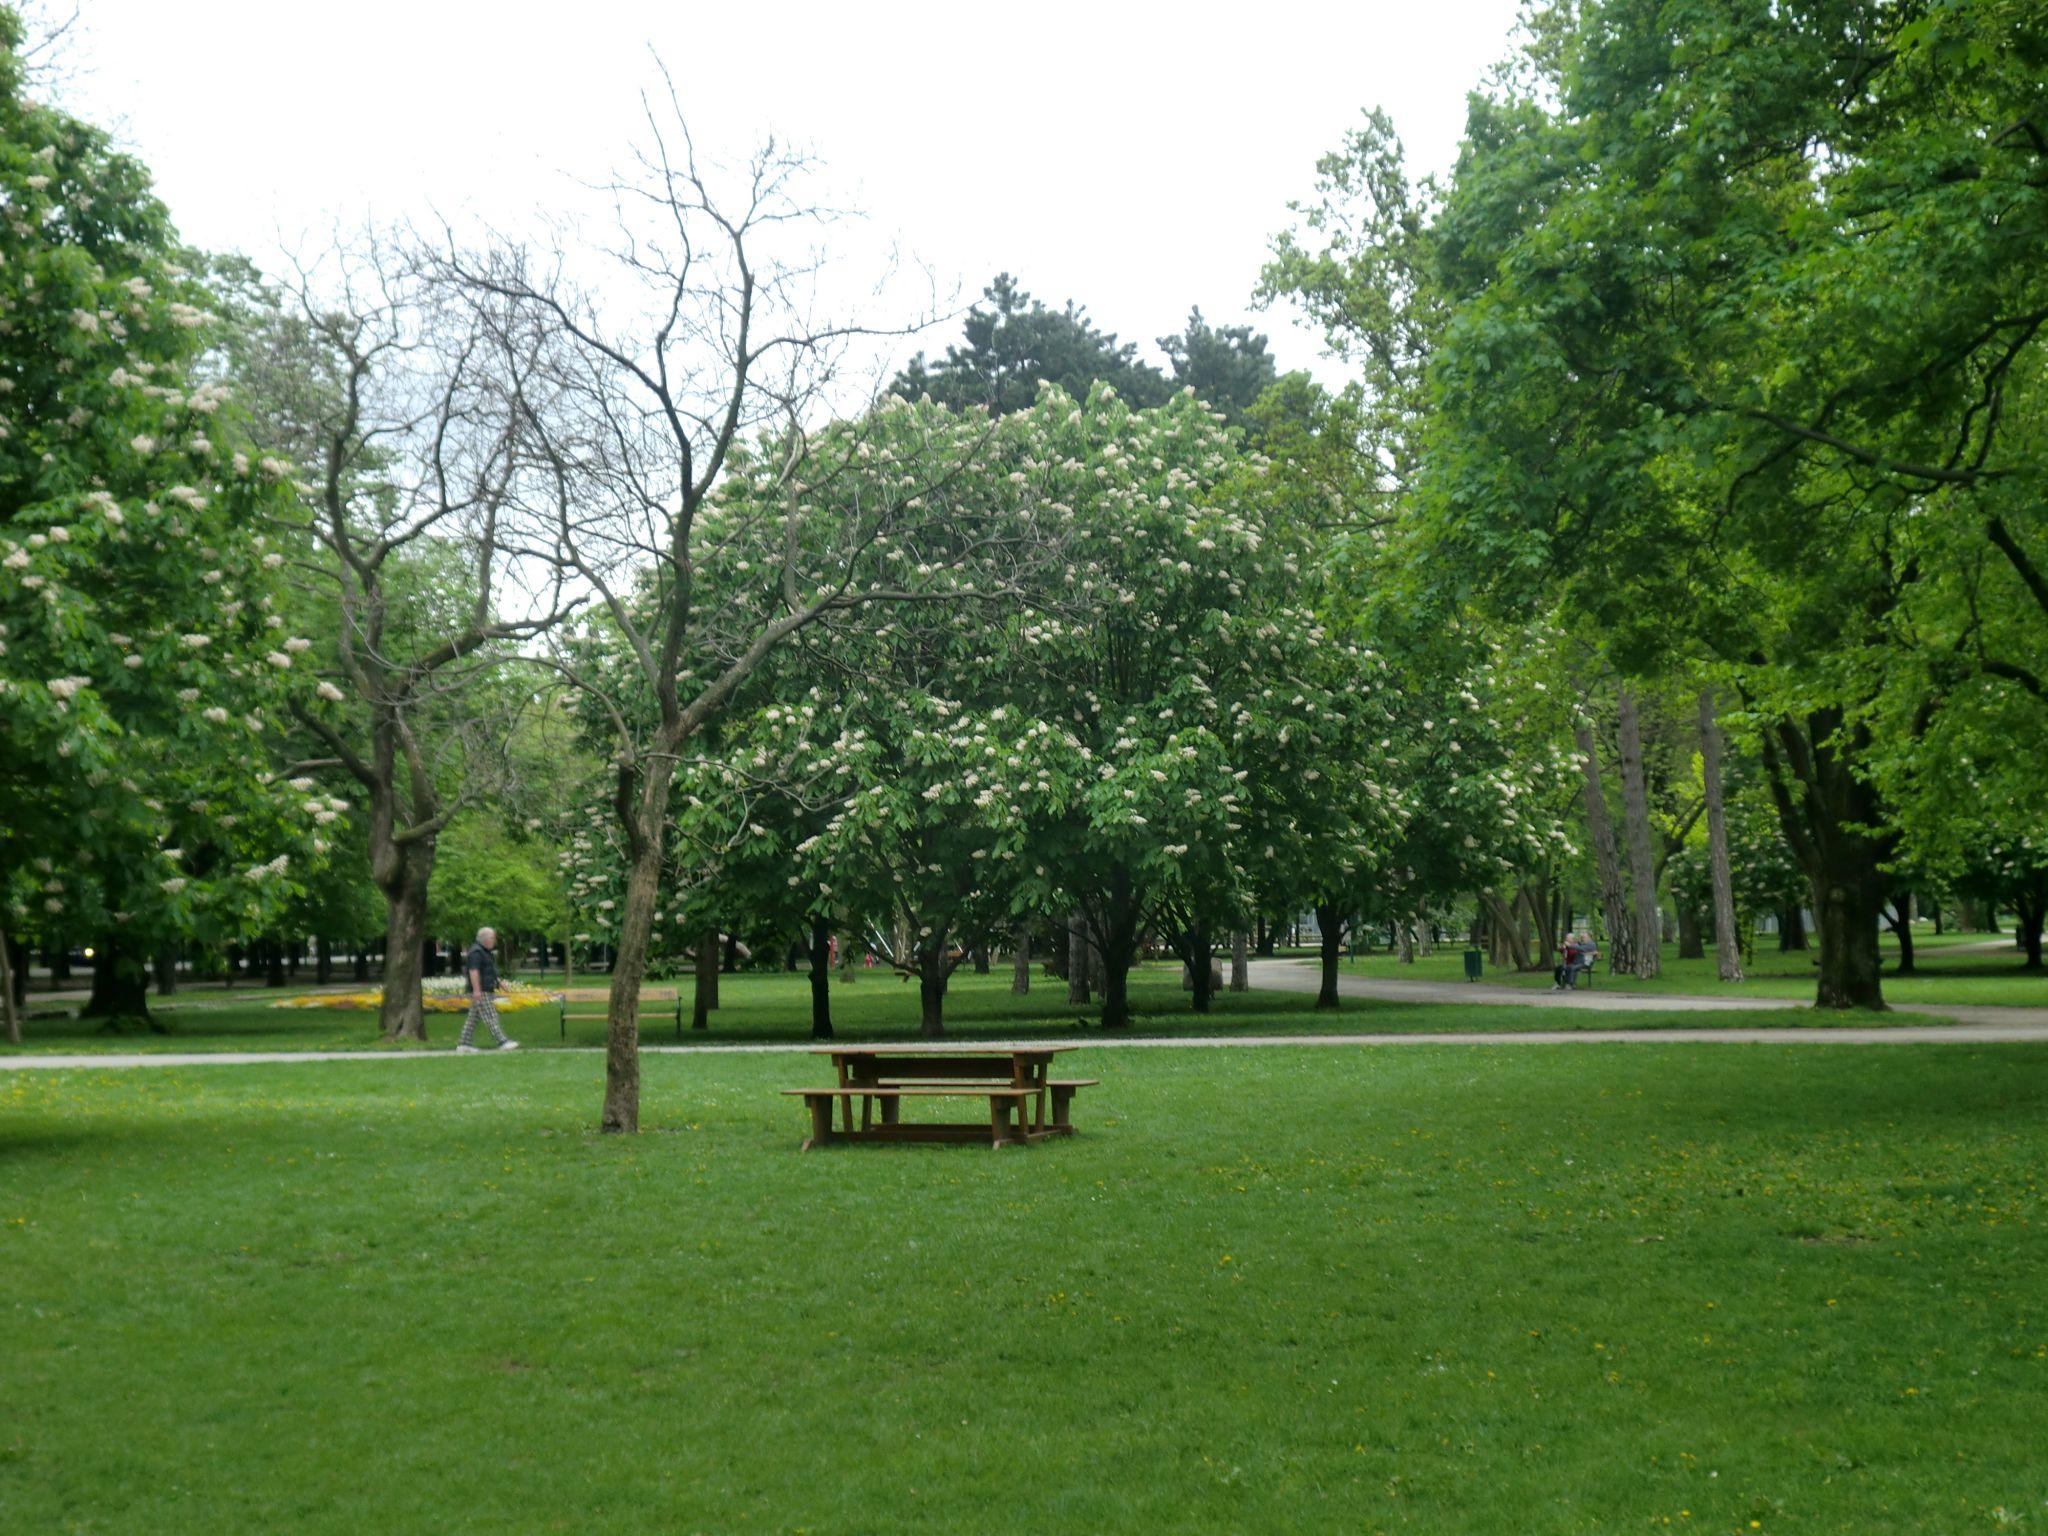 Vienna park 45 1440x1080 - Vienna: elegant beauty